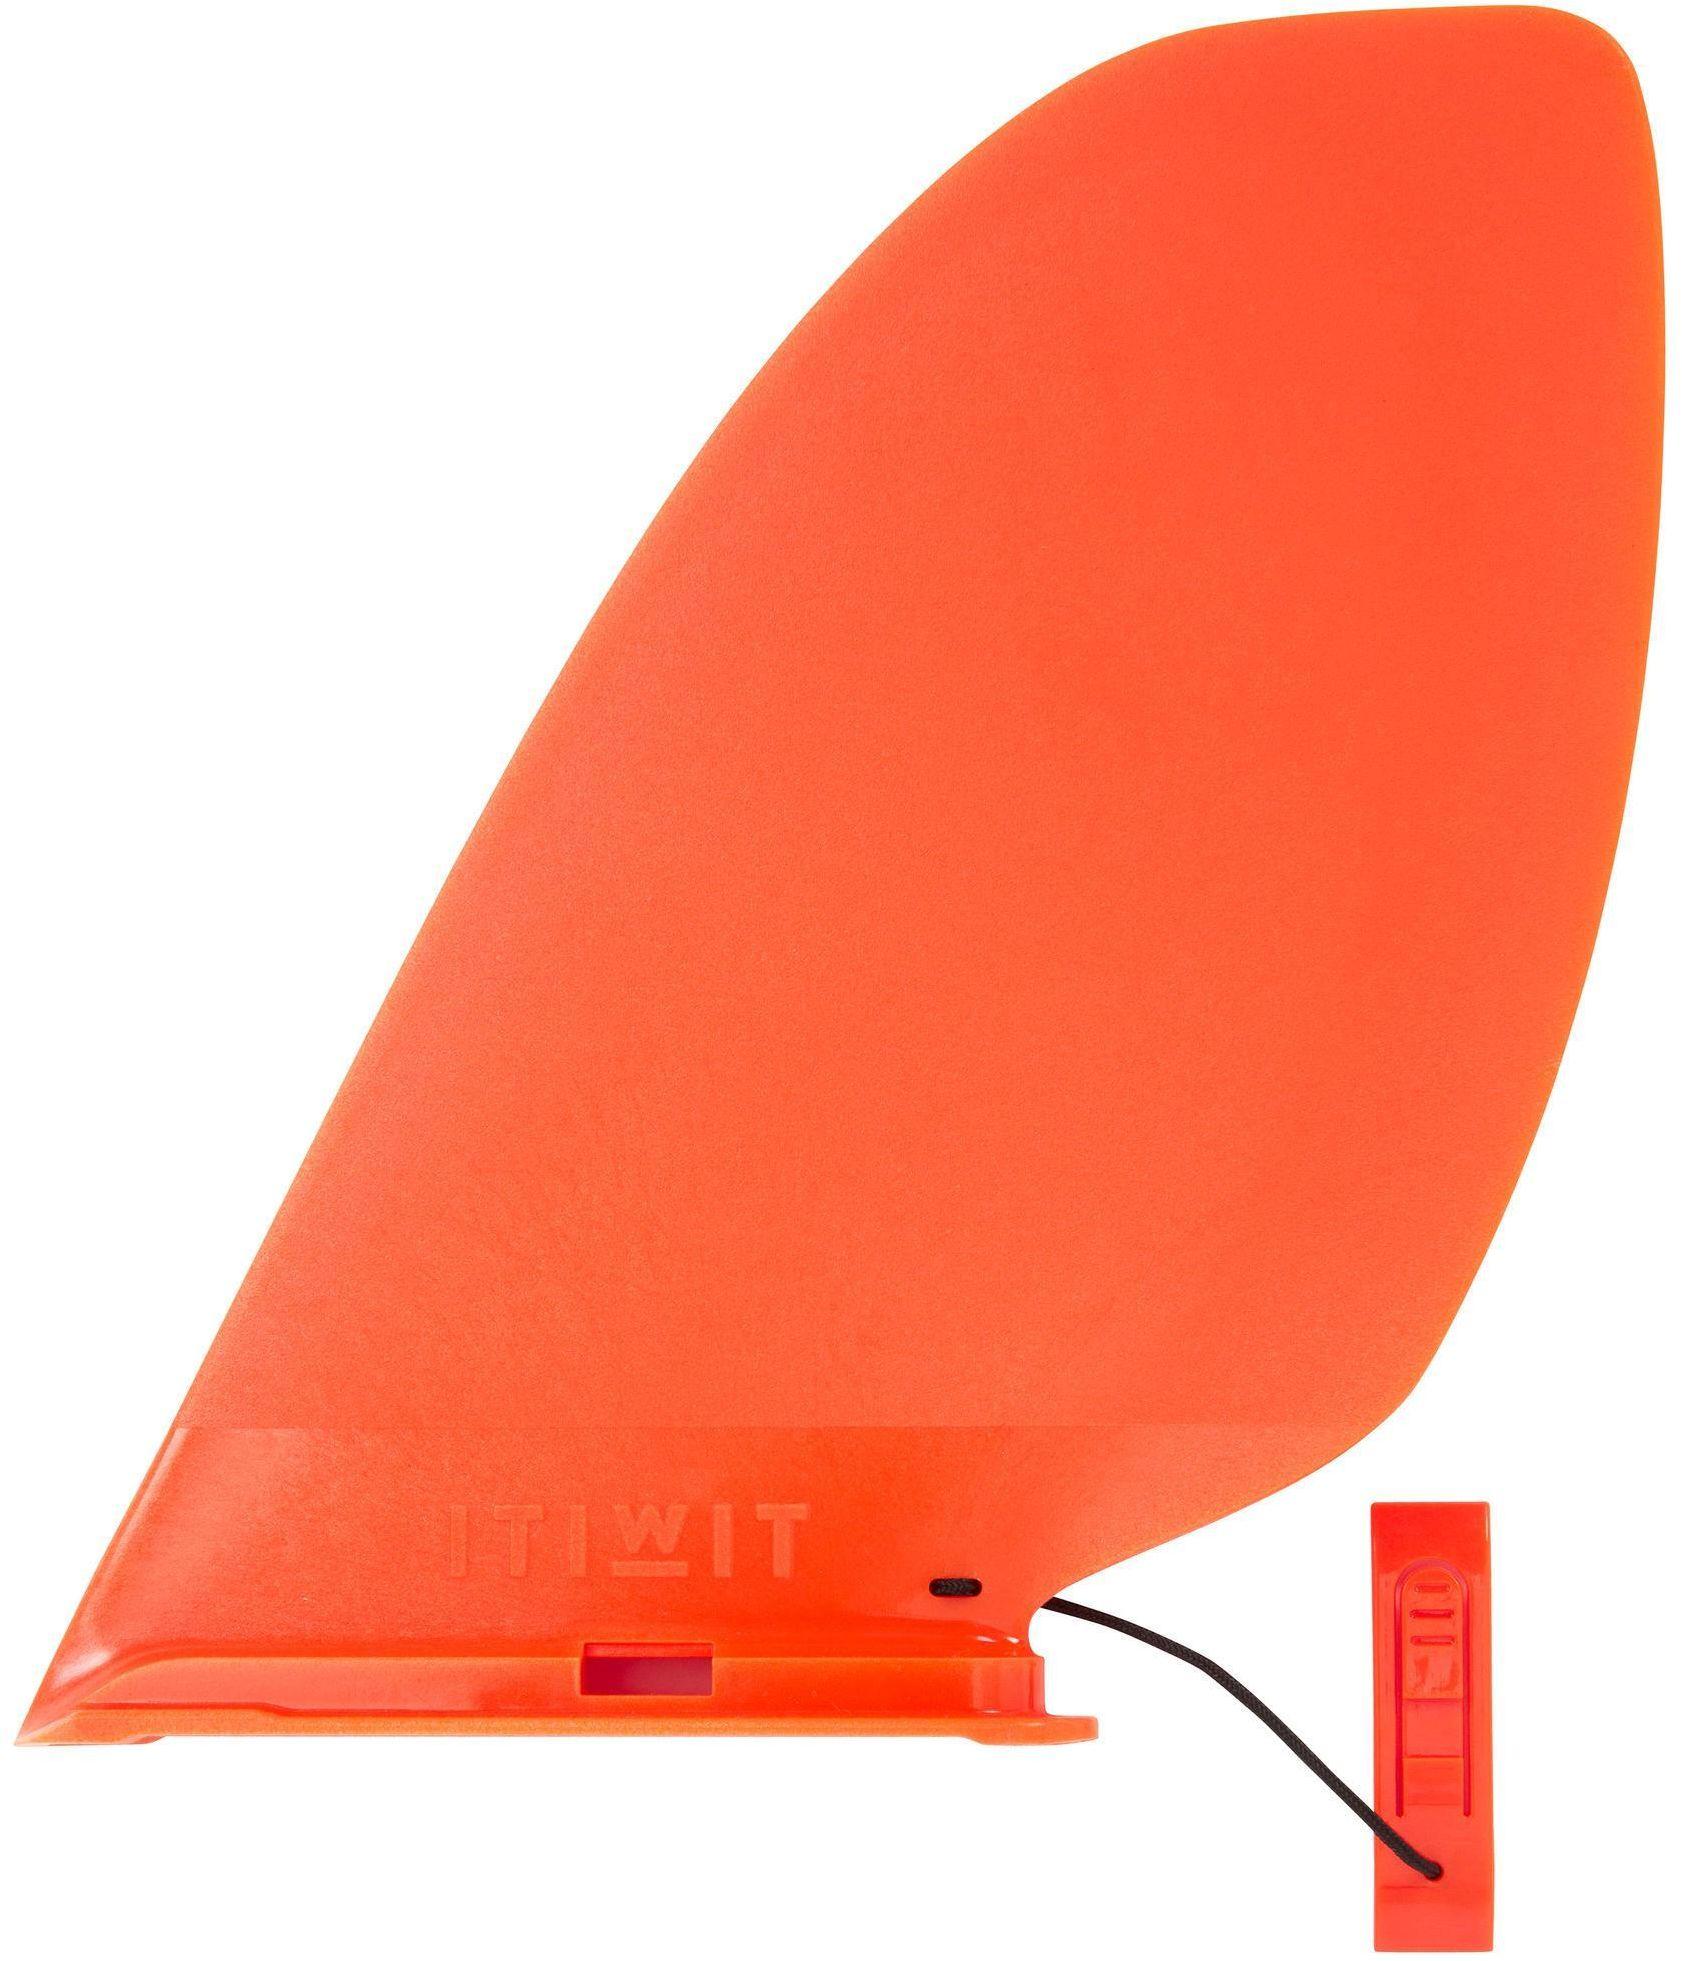 Statecznik do deski stand up paddle turystycznej pneumatycznej